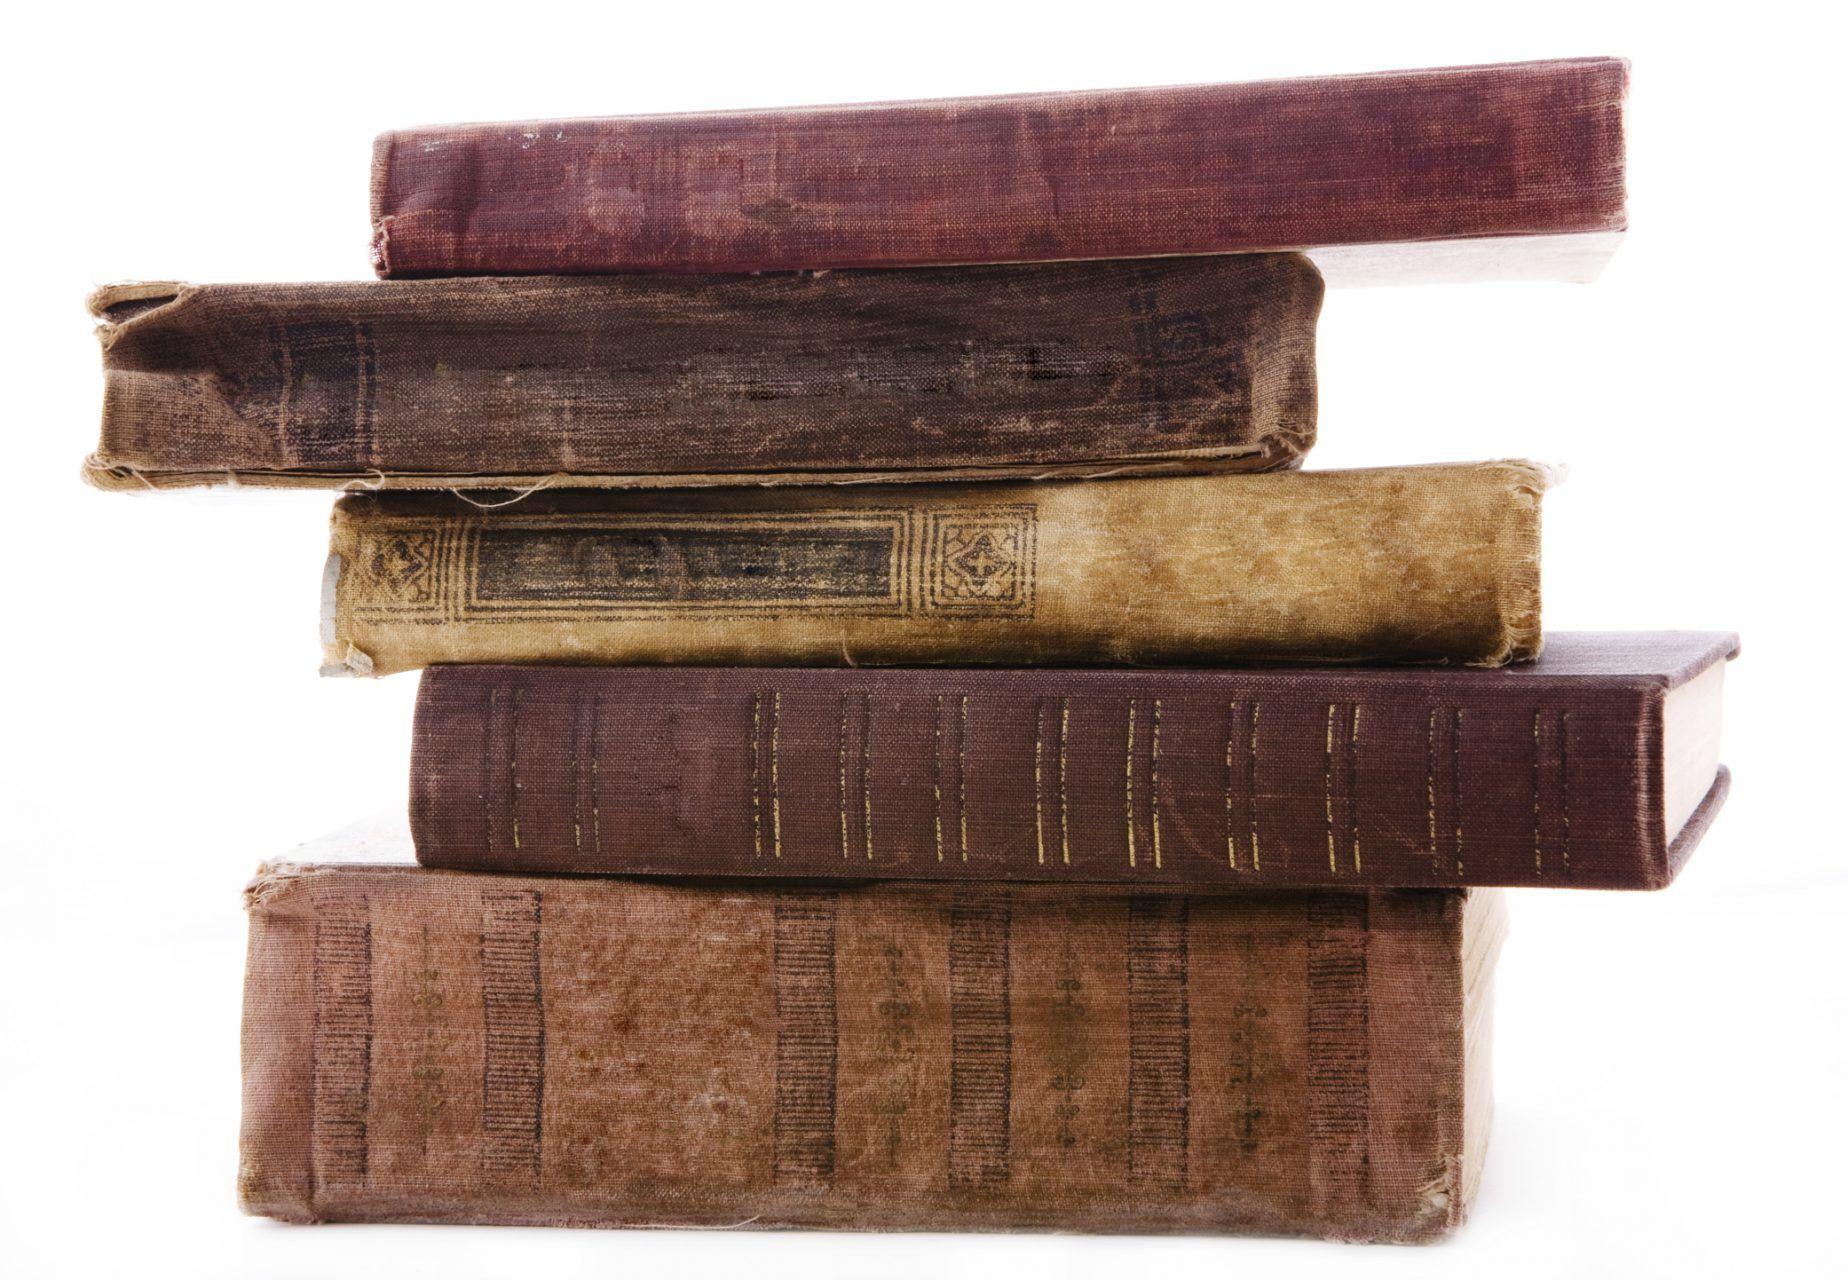 ¿Estudiar Historia? Conocer el pasado, entender el presente